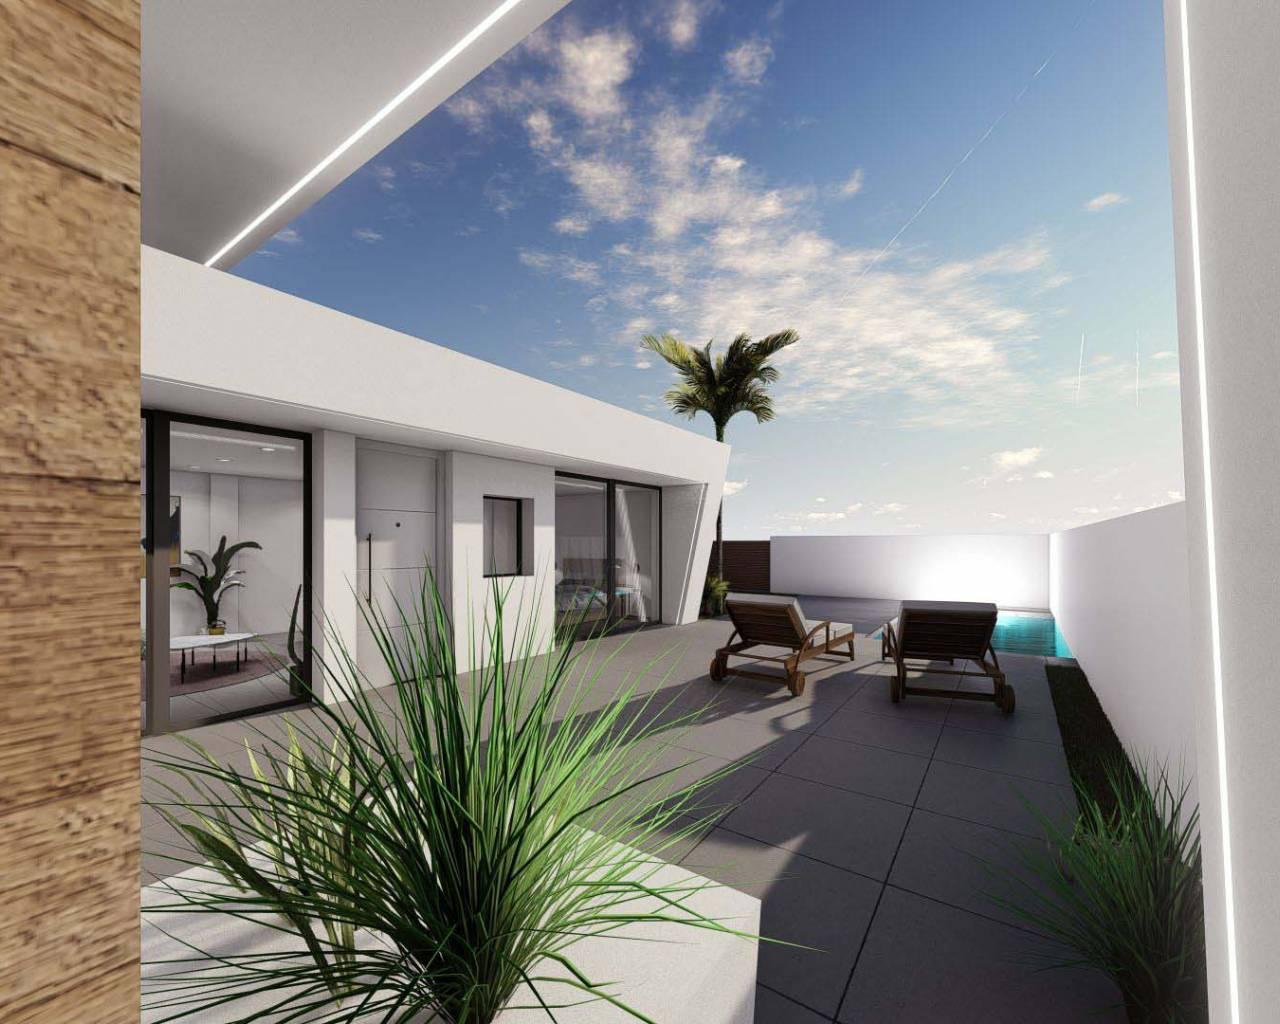 nieuwbouw-half-vrijstaande-villa-roldan_5759_xl